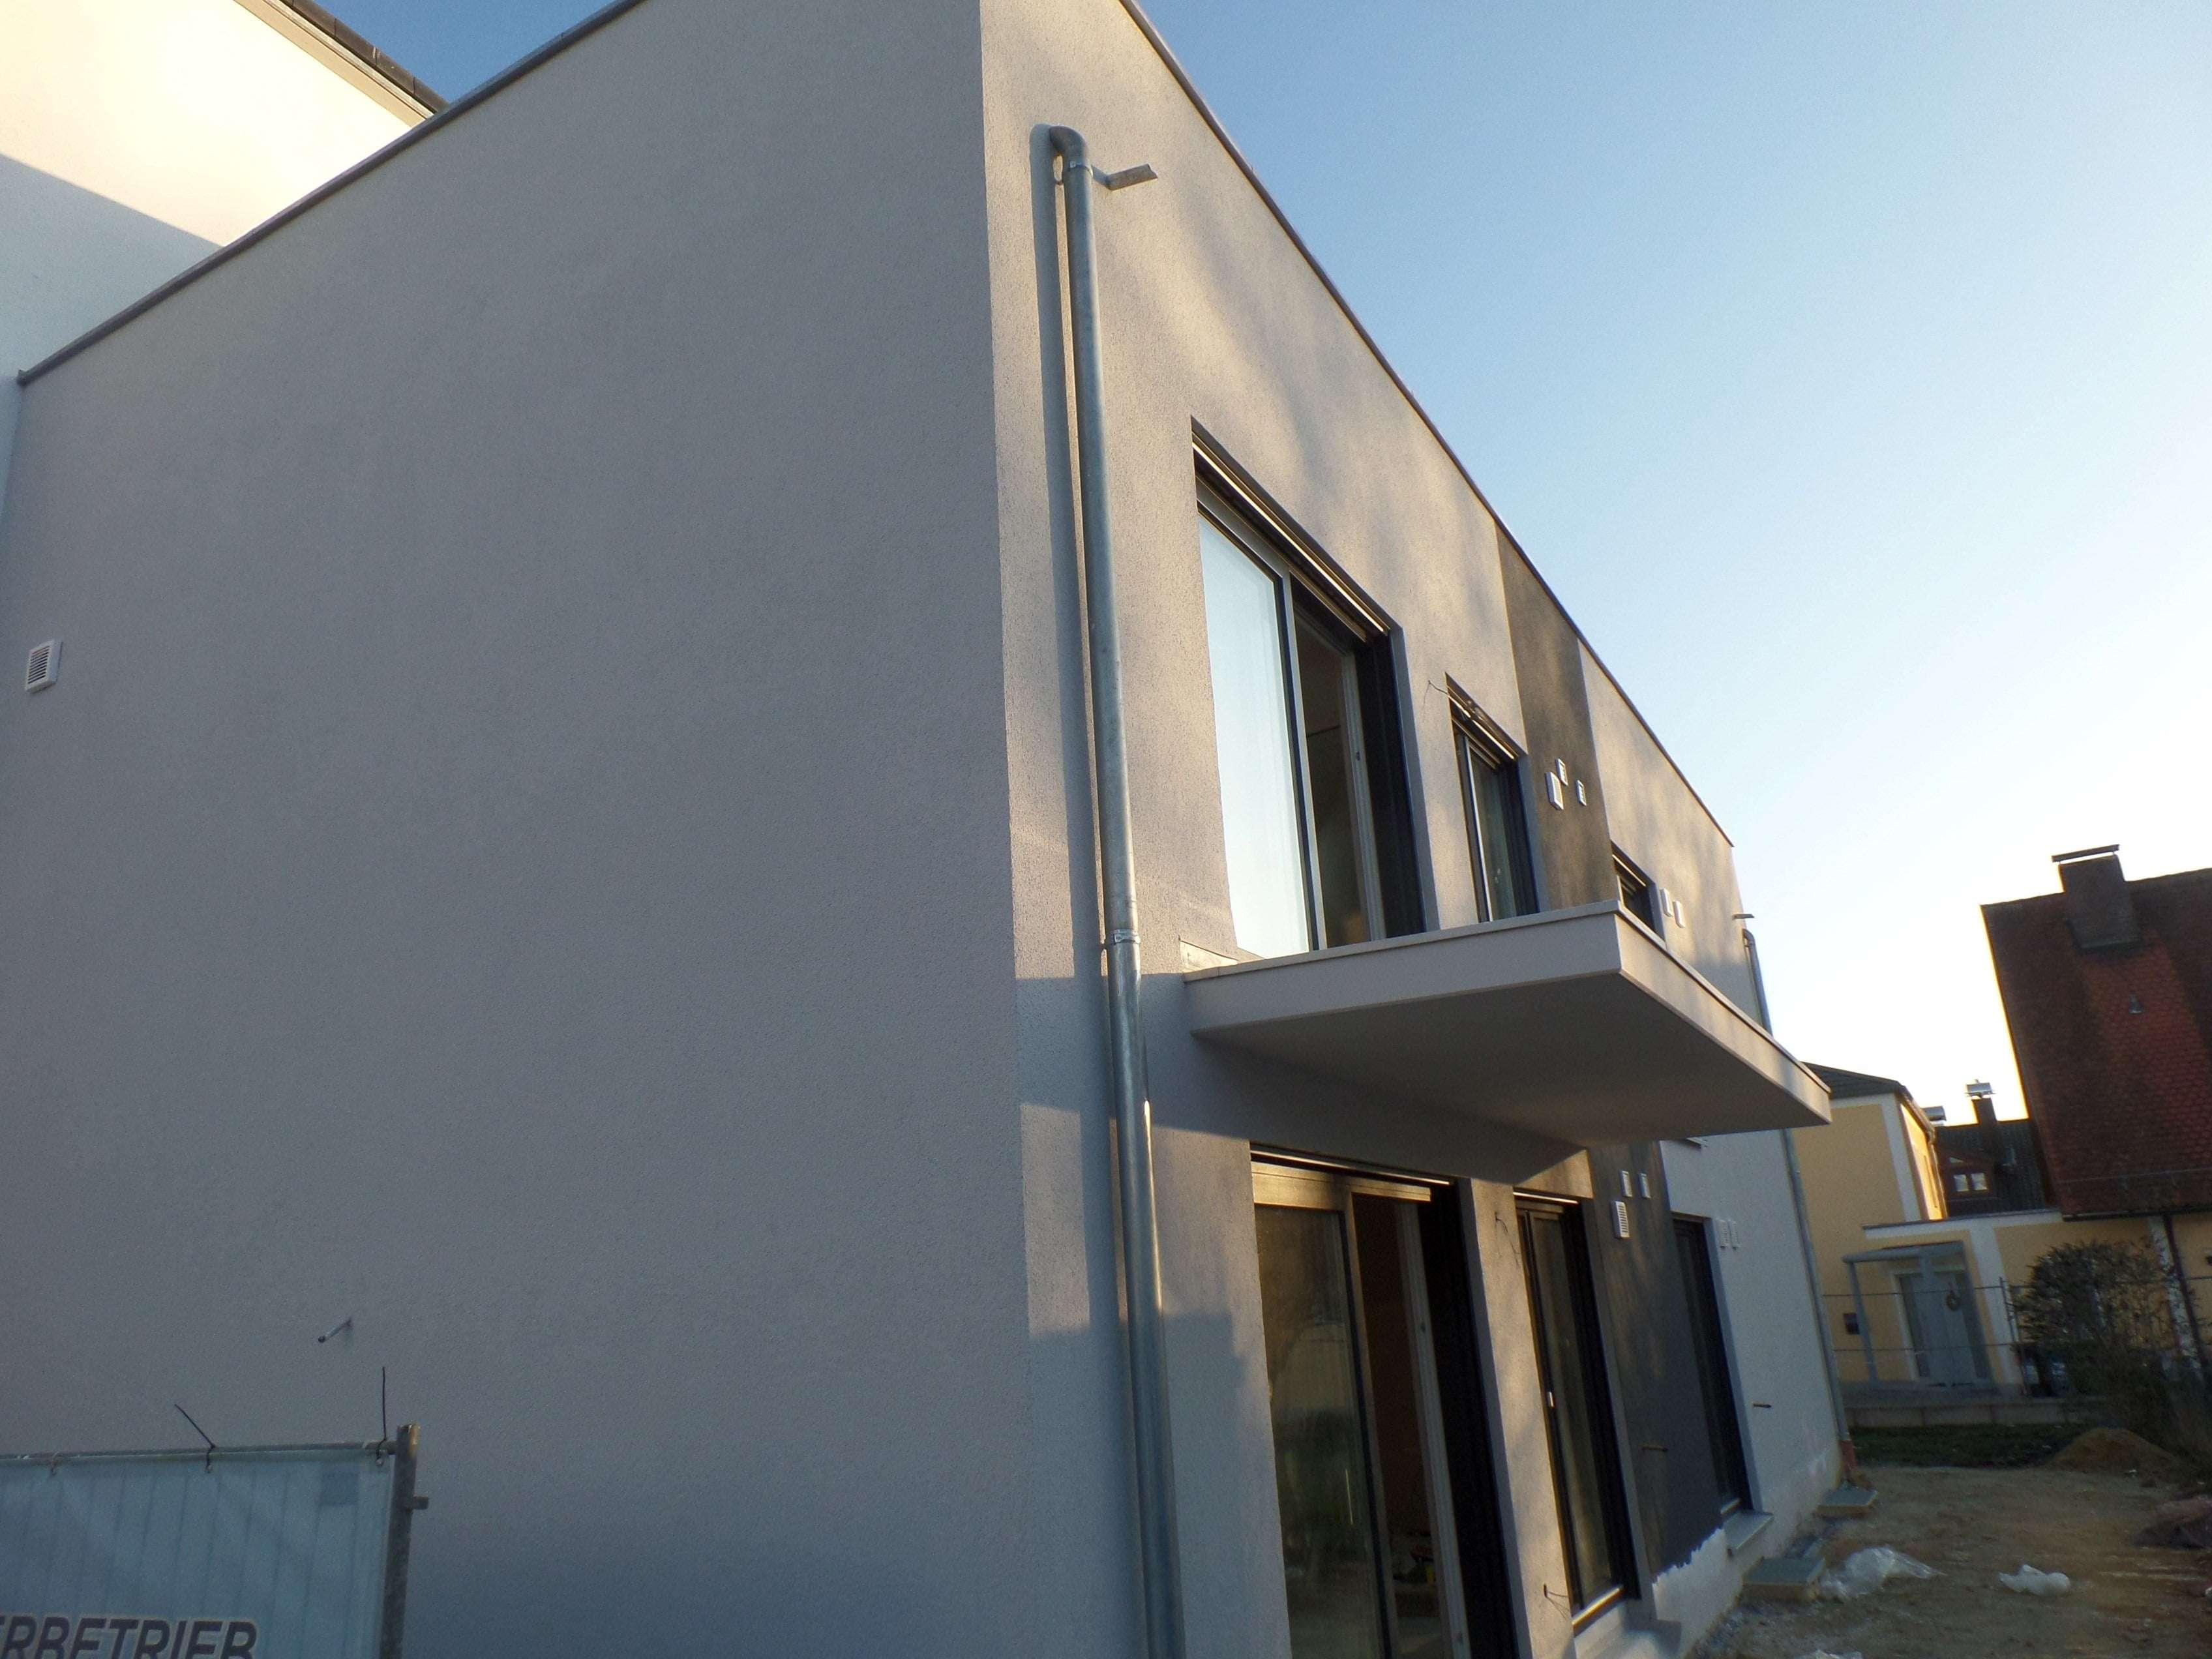 Neubau! Erstbezug! 3 ZKB-Wohnung (W3) mit Balkon zu vermieten ! in Etting